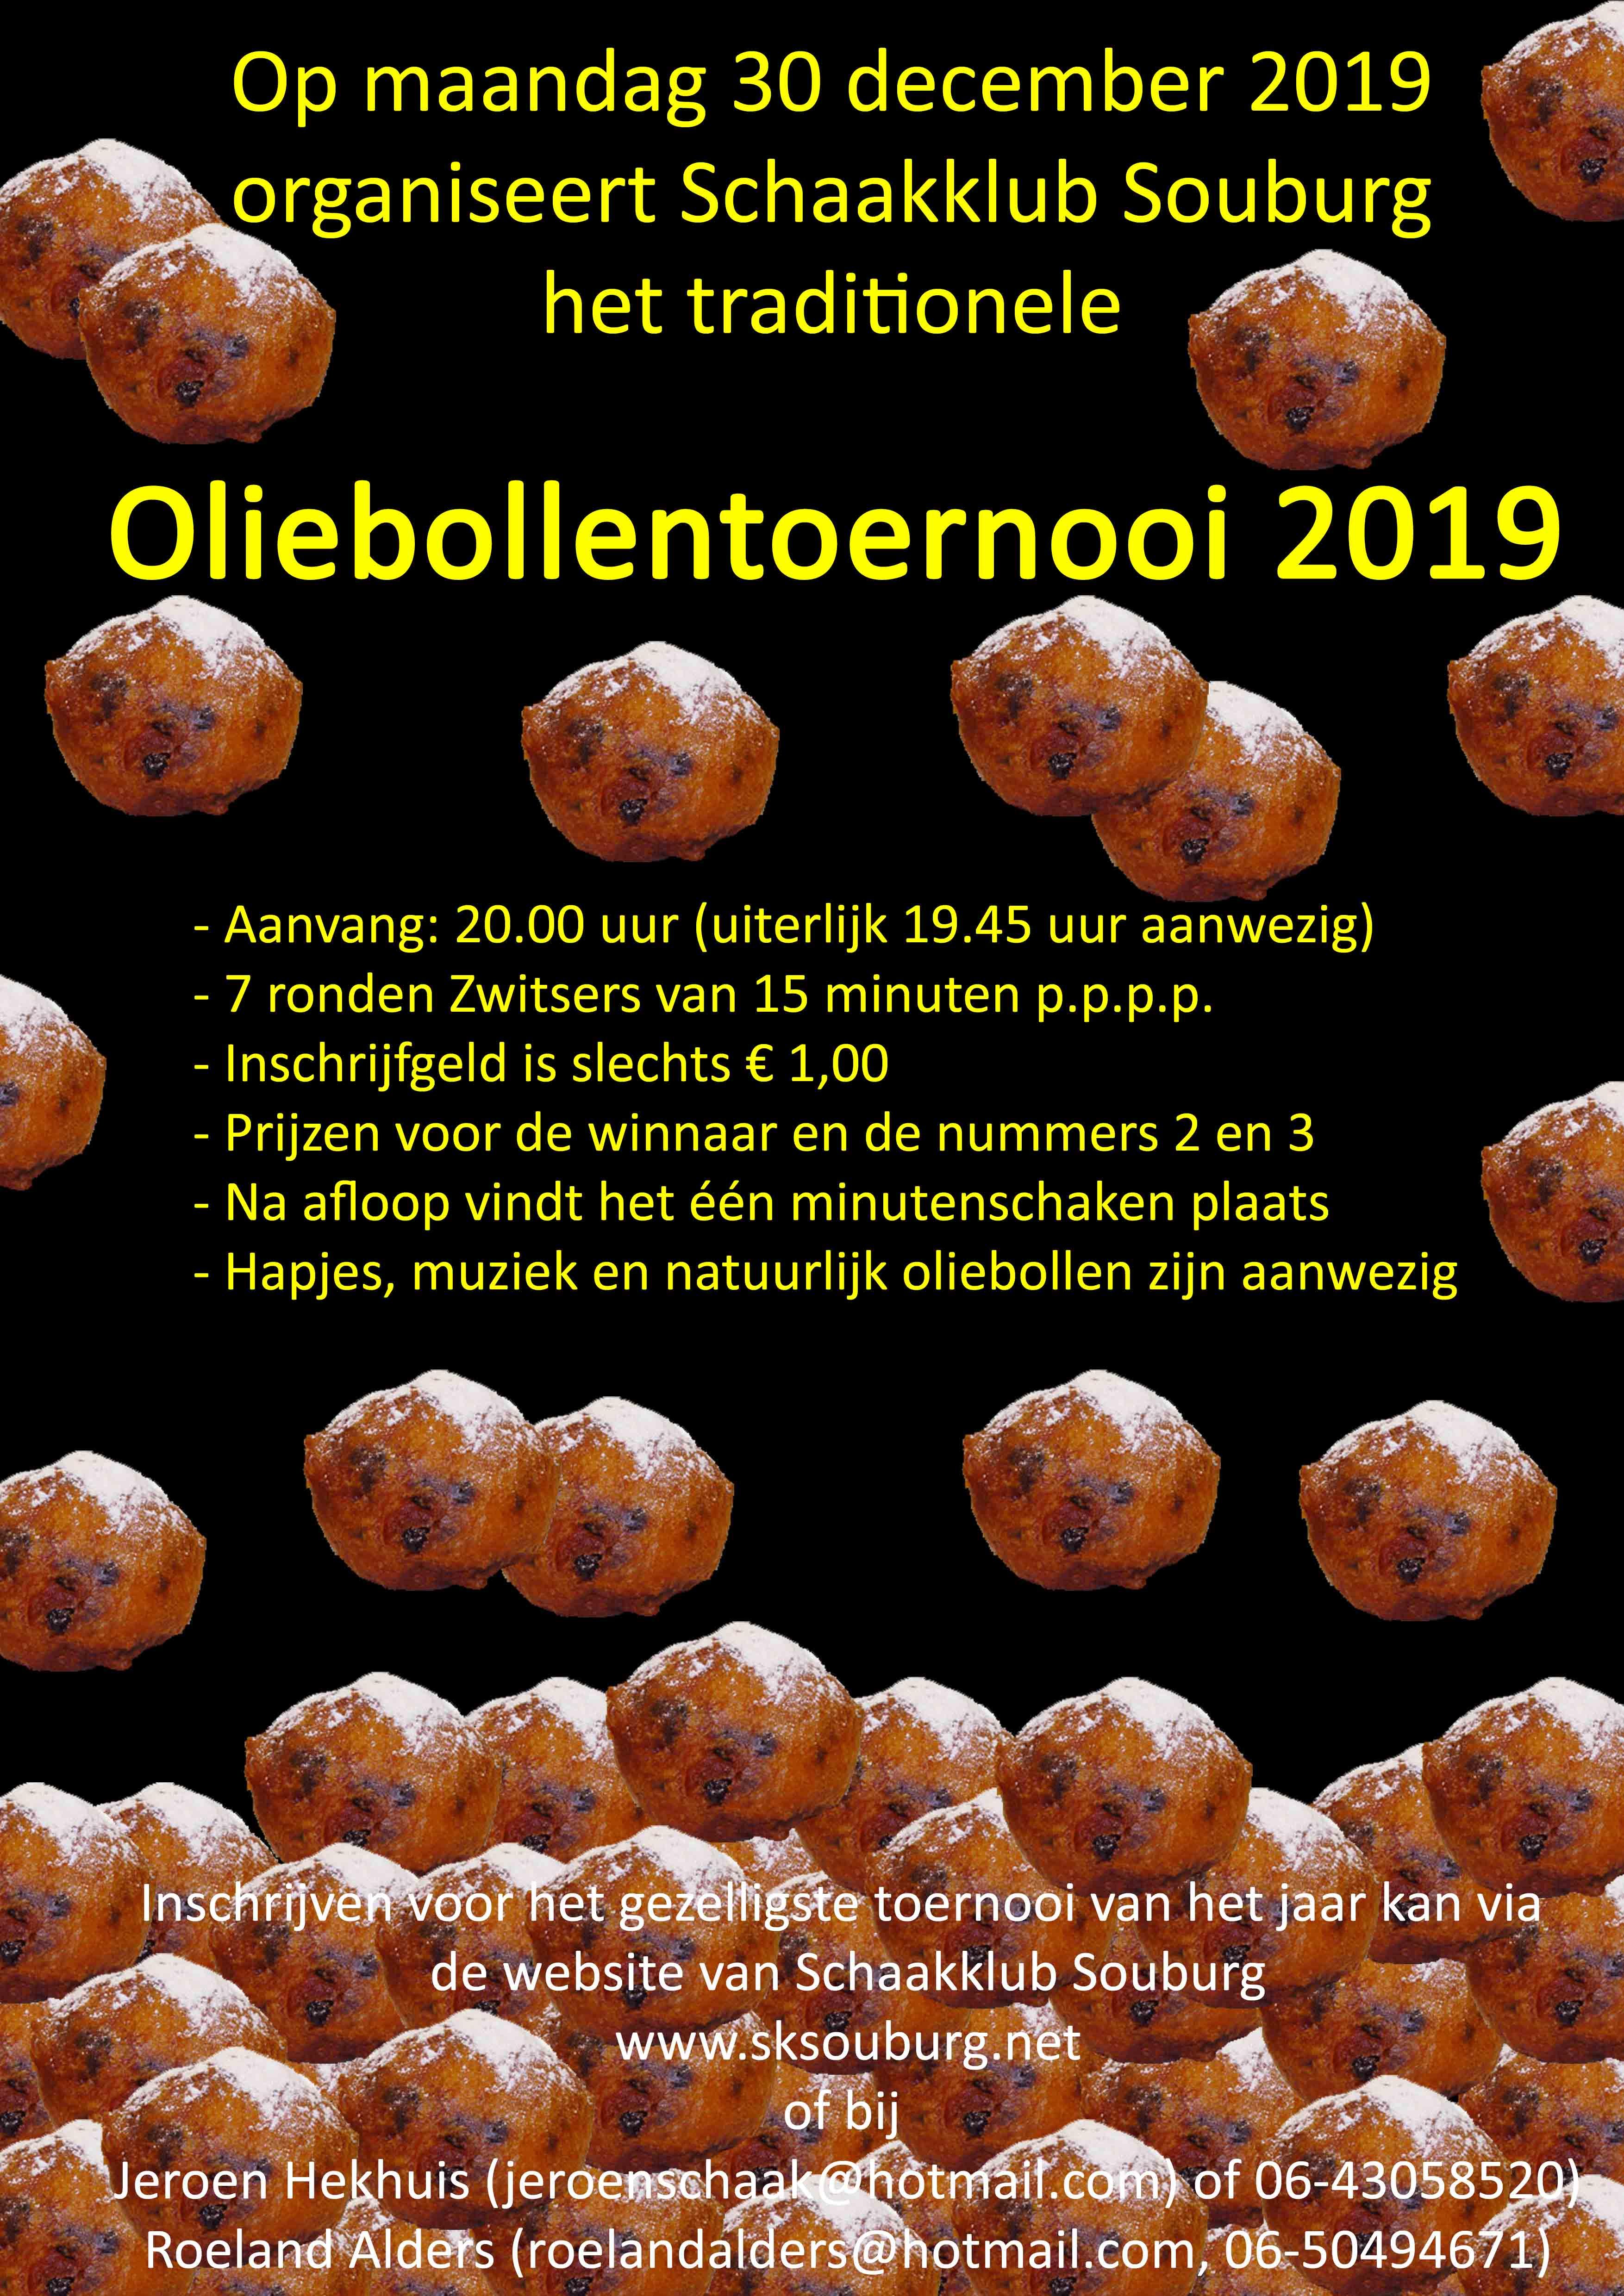 Oliebollen 2019 1